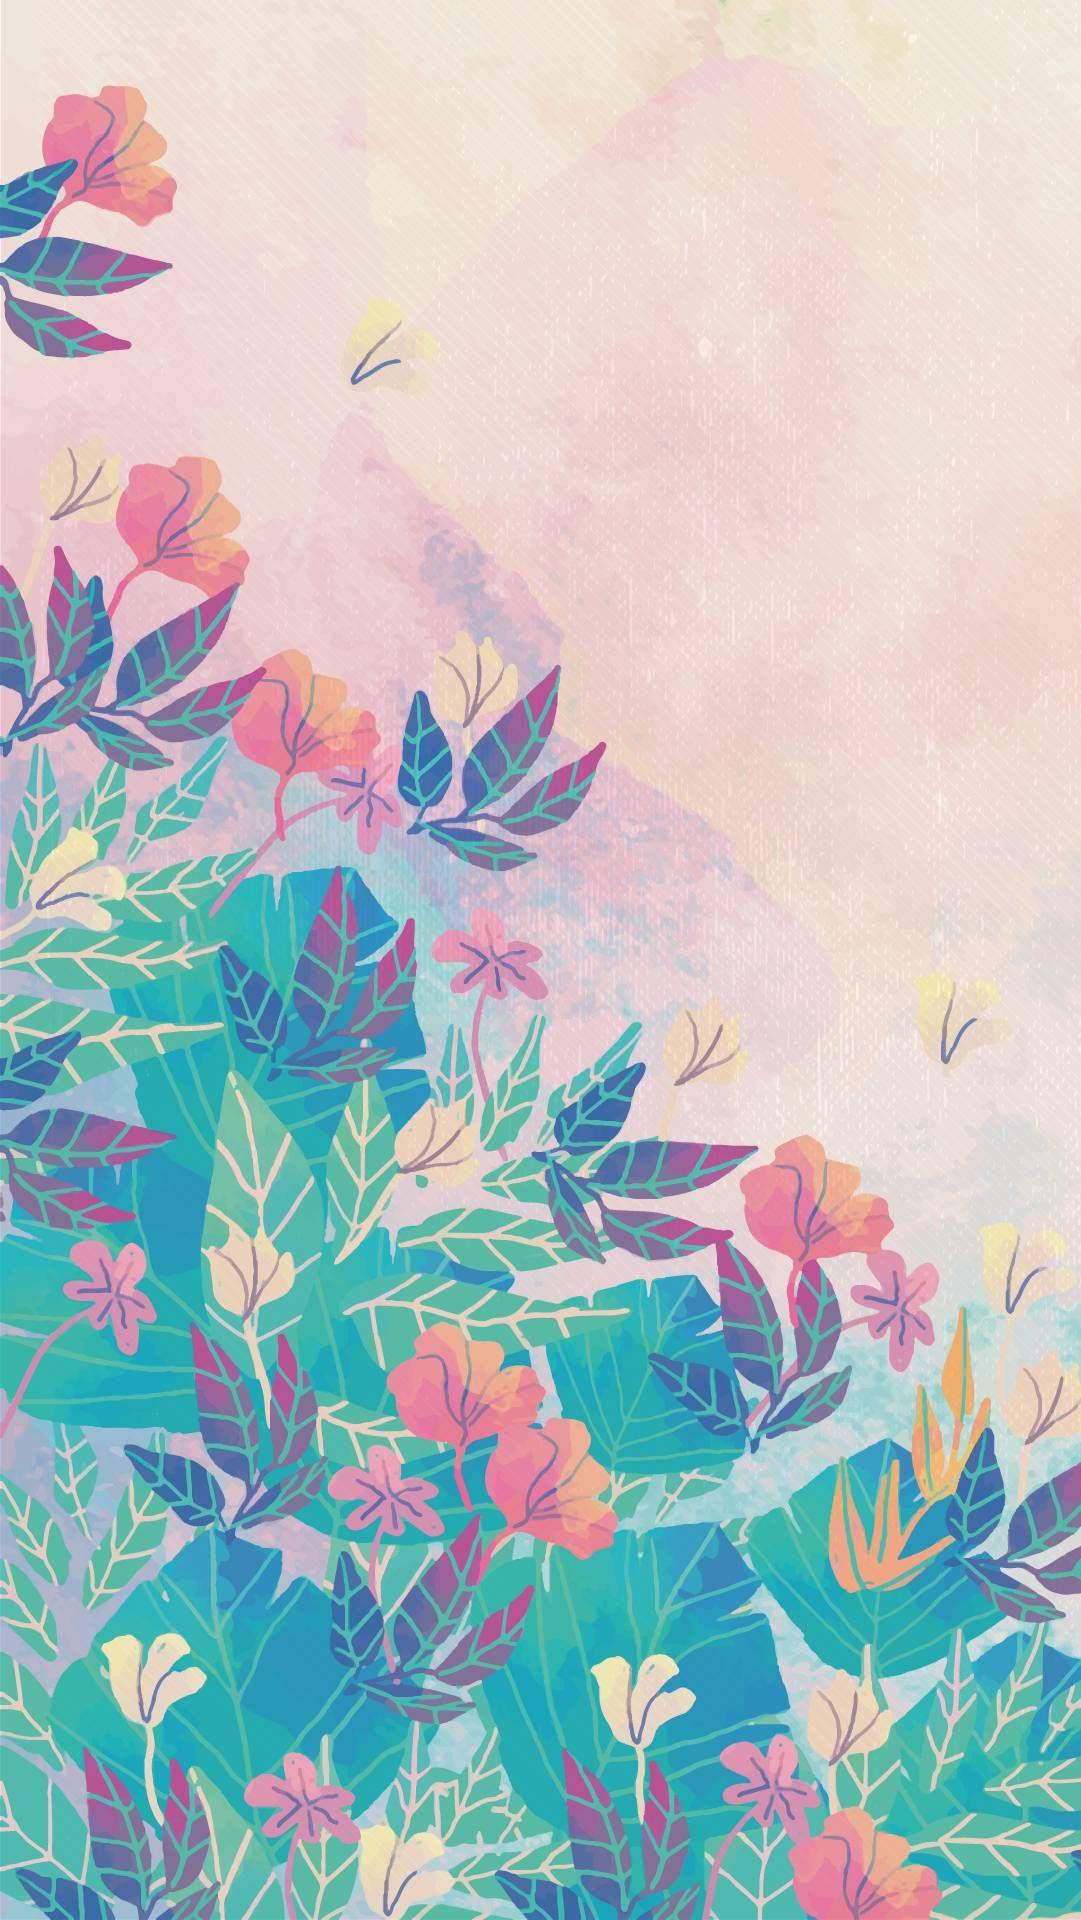 Papeis De Parede Fofos Para Celular Da Primavera Watercolor